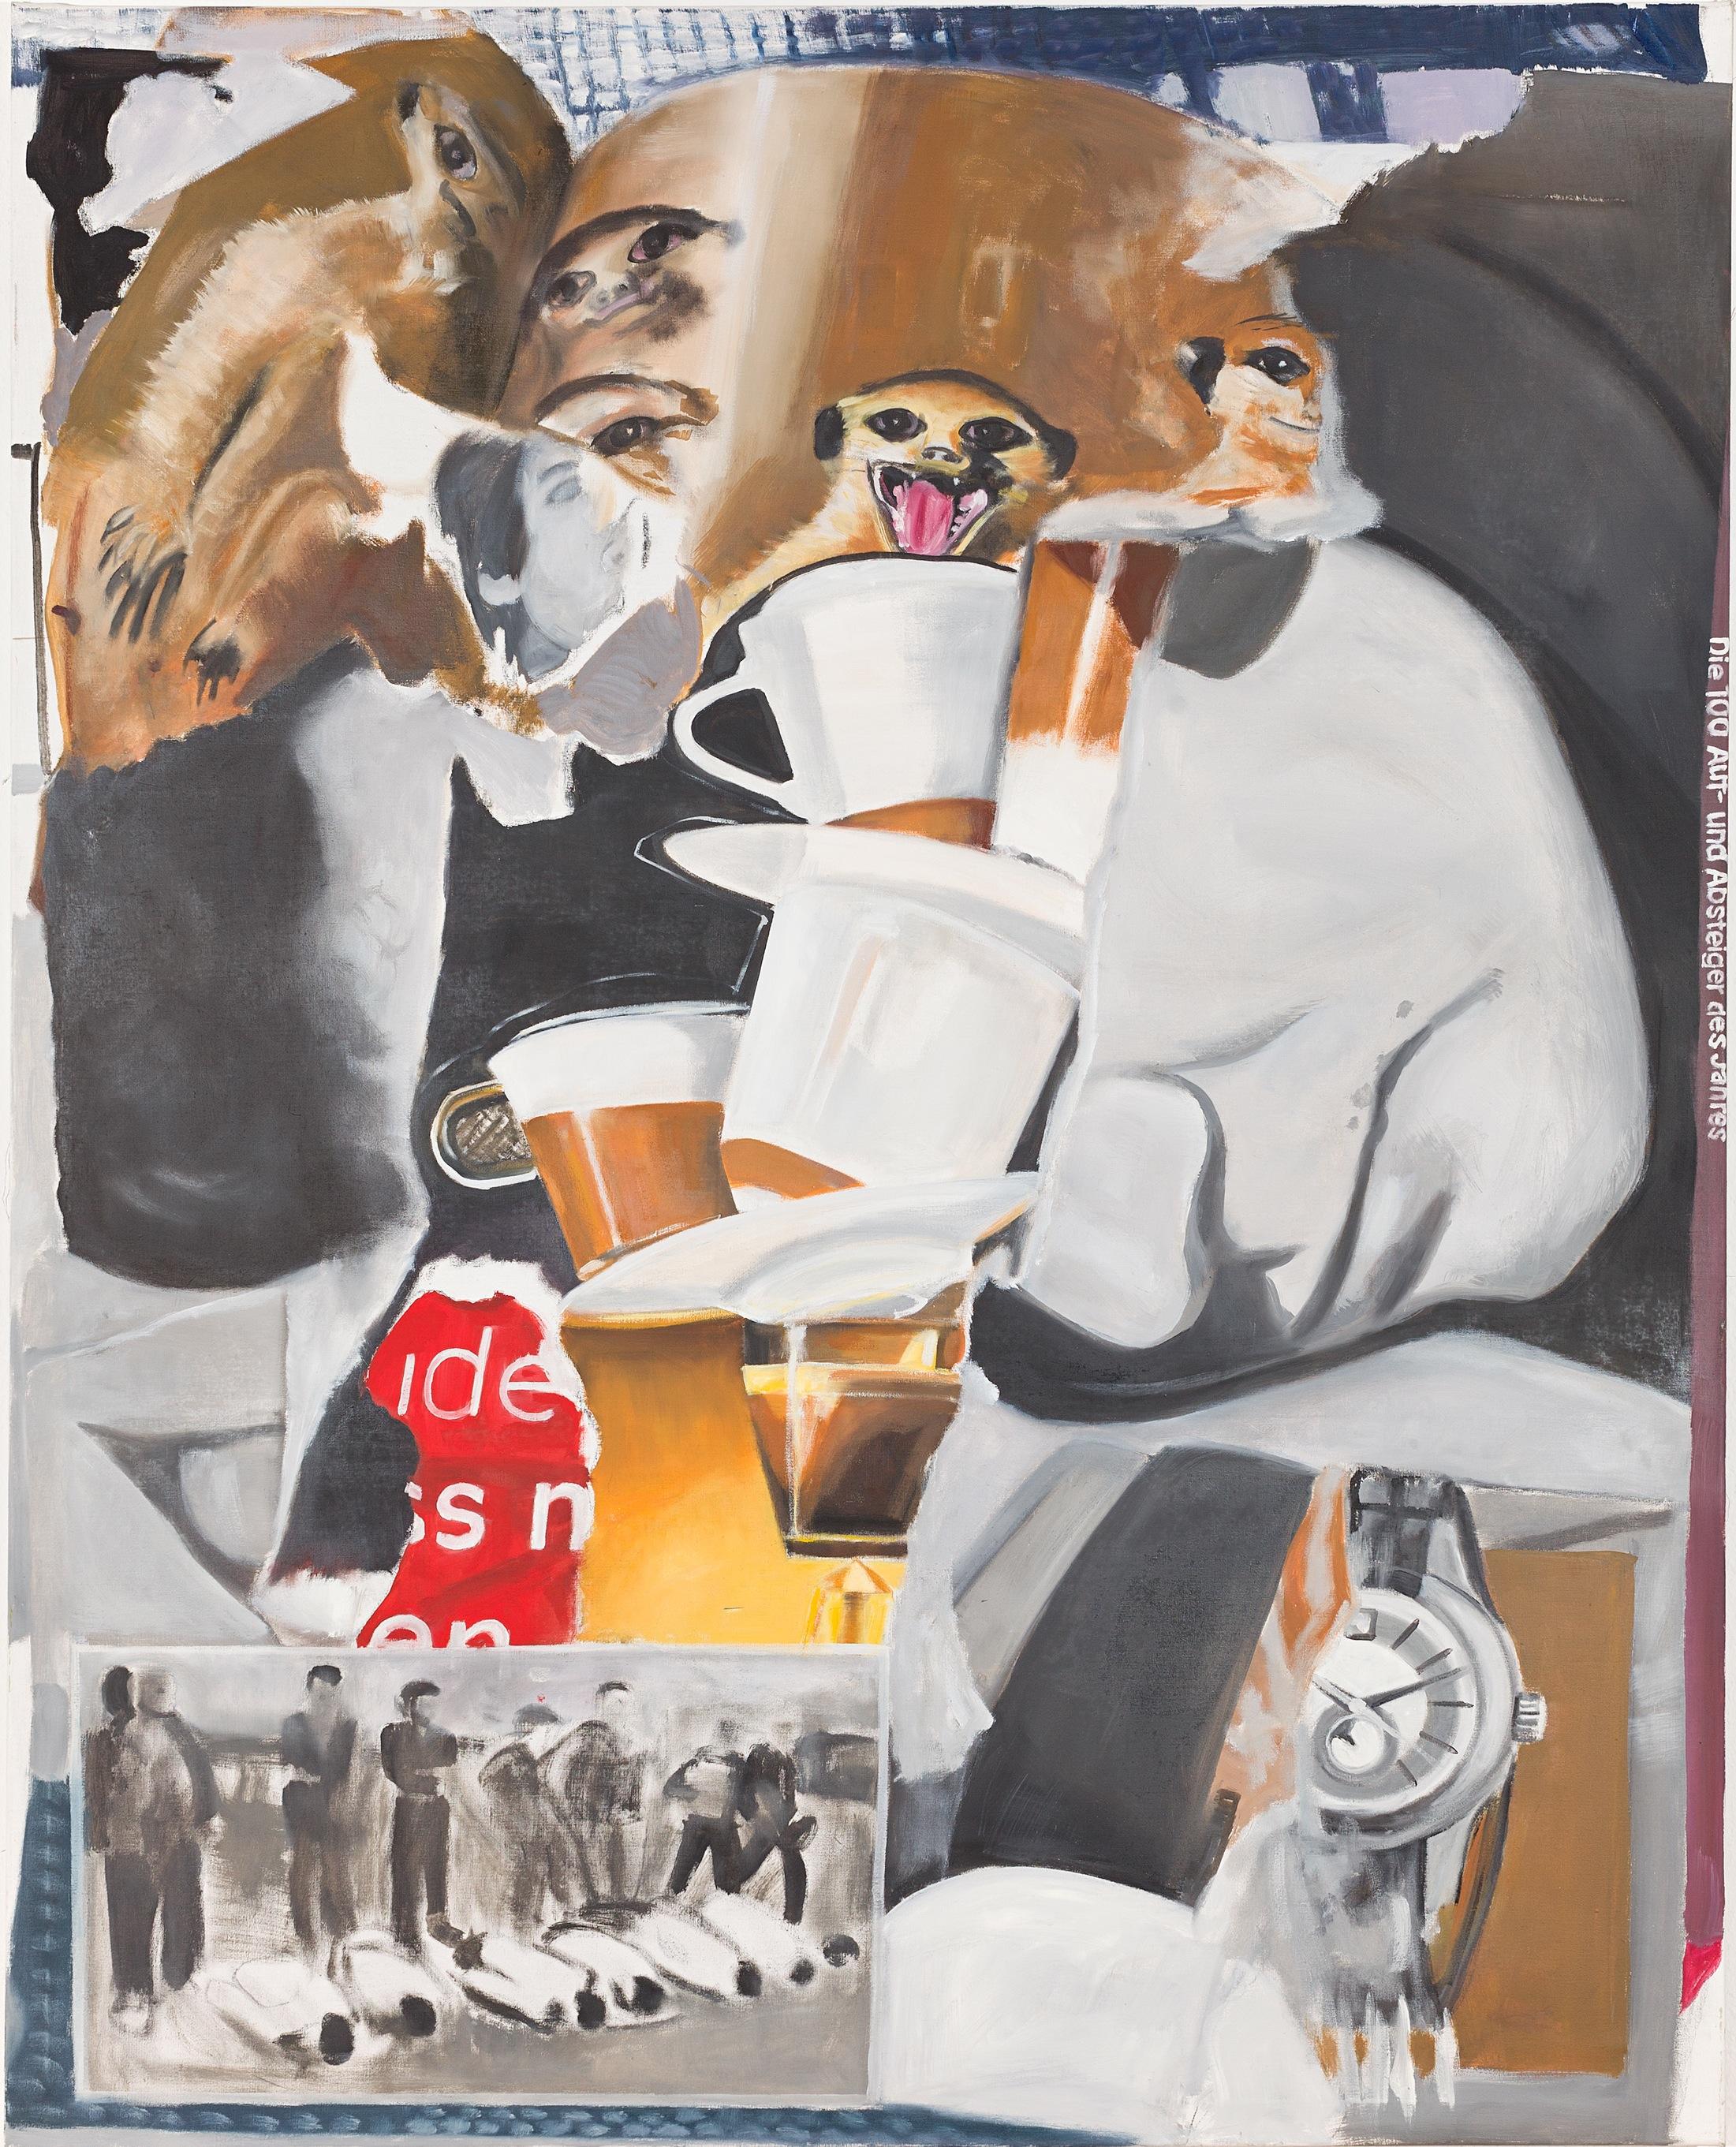 Schluss mit Mobben und Dissen, 2014, Oil on canvas, 200x155cm